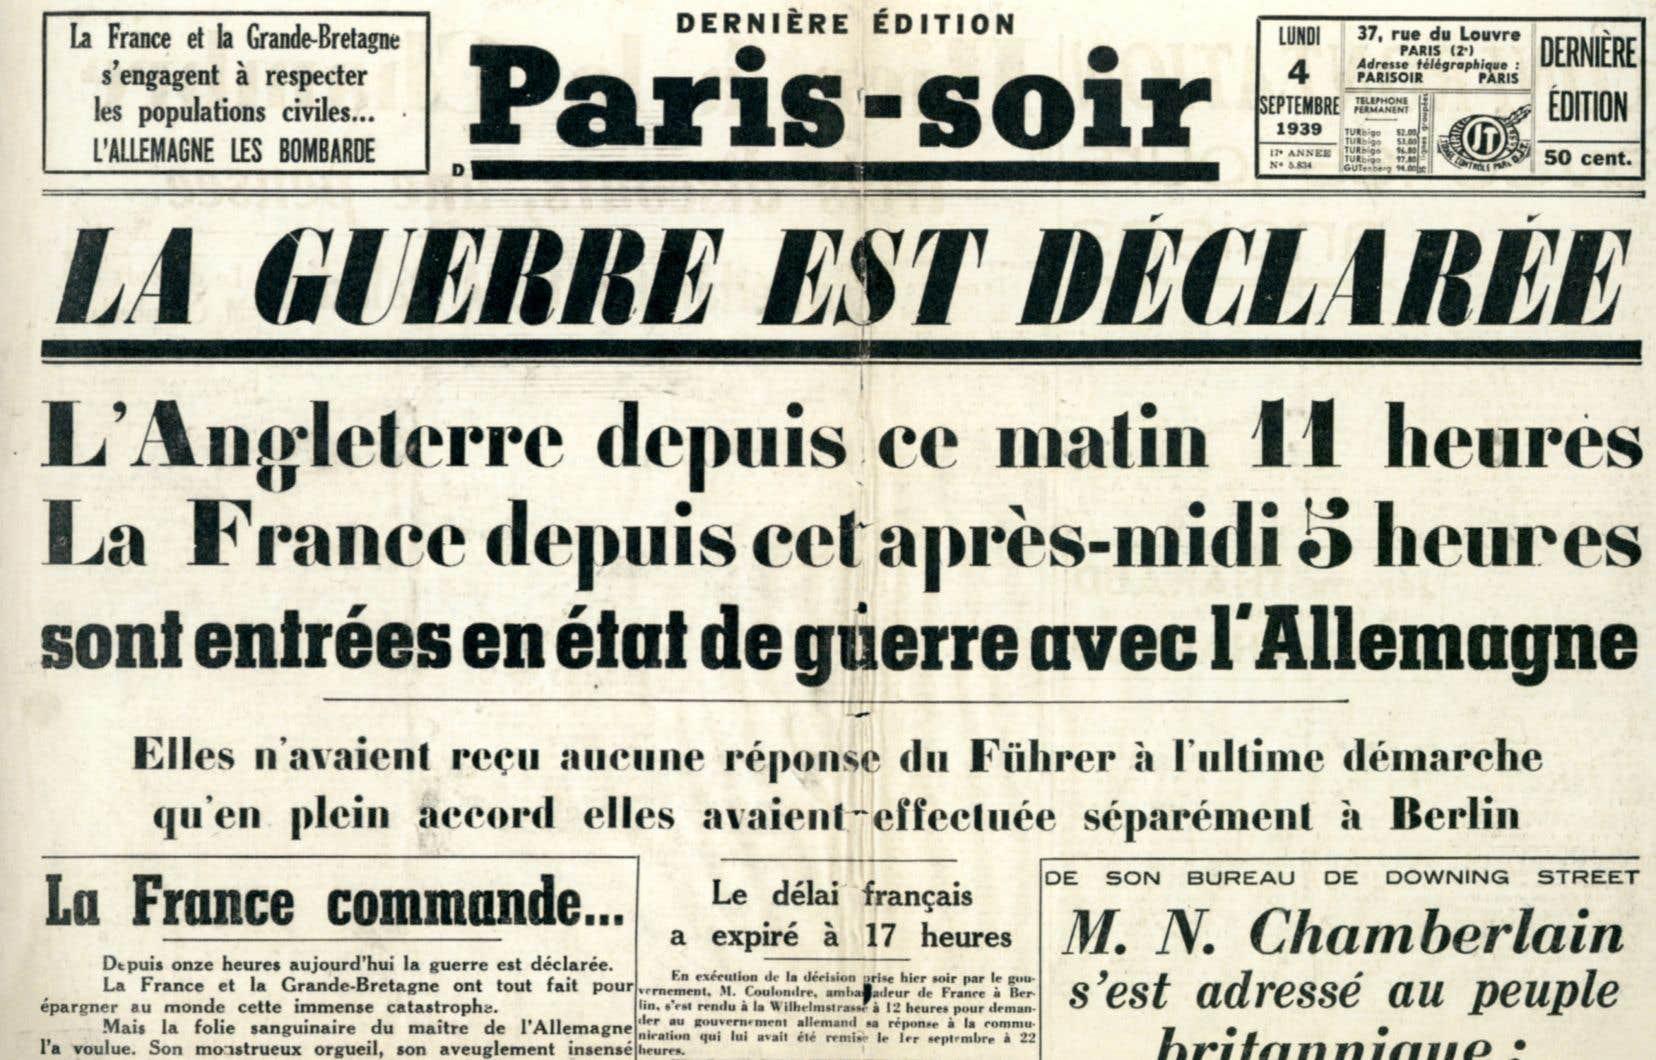 Une page du 4septembre 1939